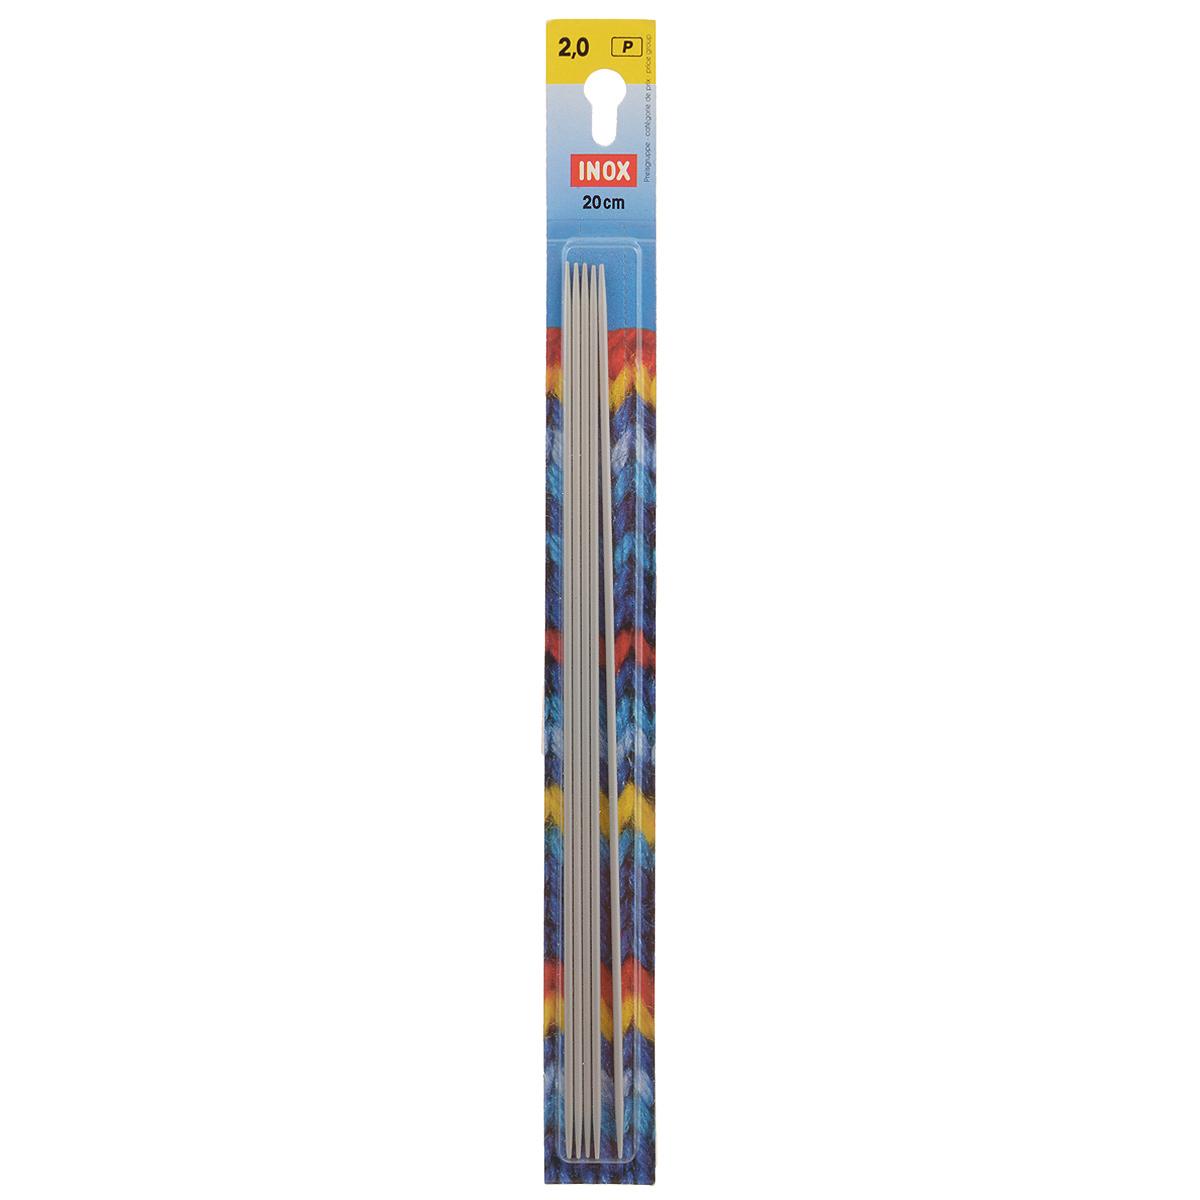 Спицы Inox, металлические, чулочно-носочные, цвет: жемчужно-серый, диаметр 2 мм, 5 шт191486Спицы Inox имеют жемчужно-серое покрытие, благодаря которому петли хорошо скользят по поверхности спиц. Спицы прочные, легкие, гладкие, удобные в использовании. Кончики спиц закругленные. Металлические спицы без ограничителей предназначены для вязания шапочек, варежек и носков. Вы сможете вязать для себя, делать подарки друзьям. Рукоделие всегда считалось изысканным, благородным делом. Работа, сделанная своими руками, долго будет радовать вас и ваших близких.